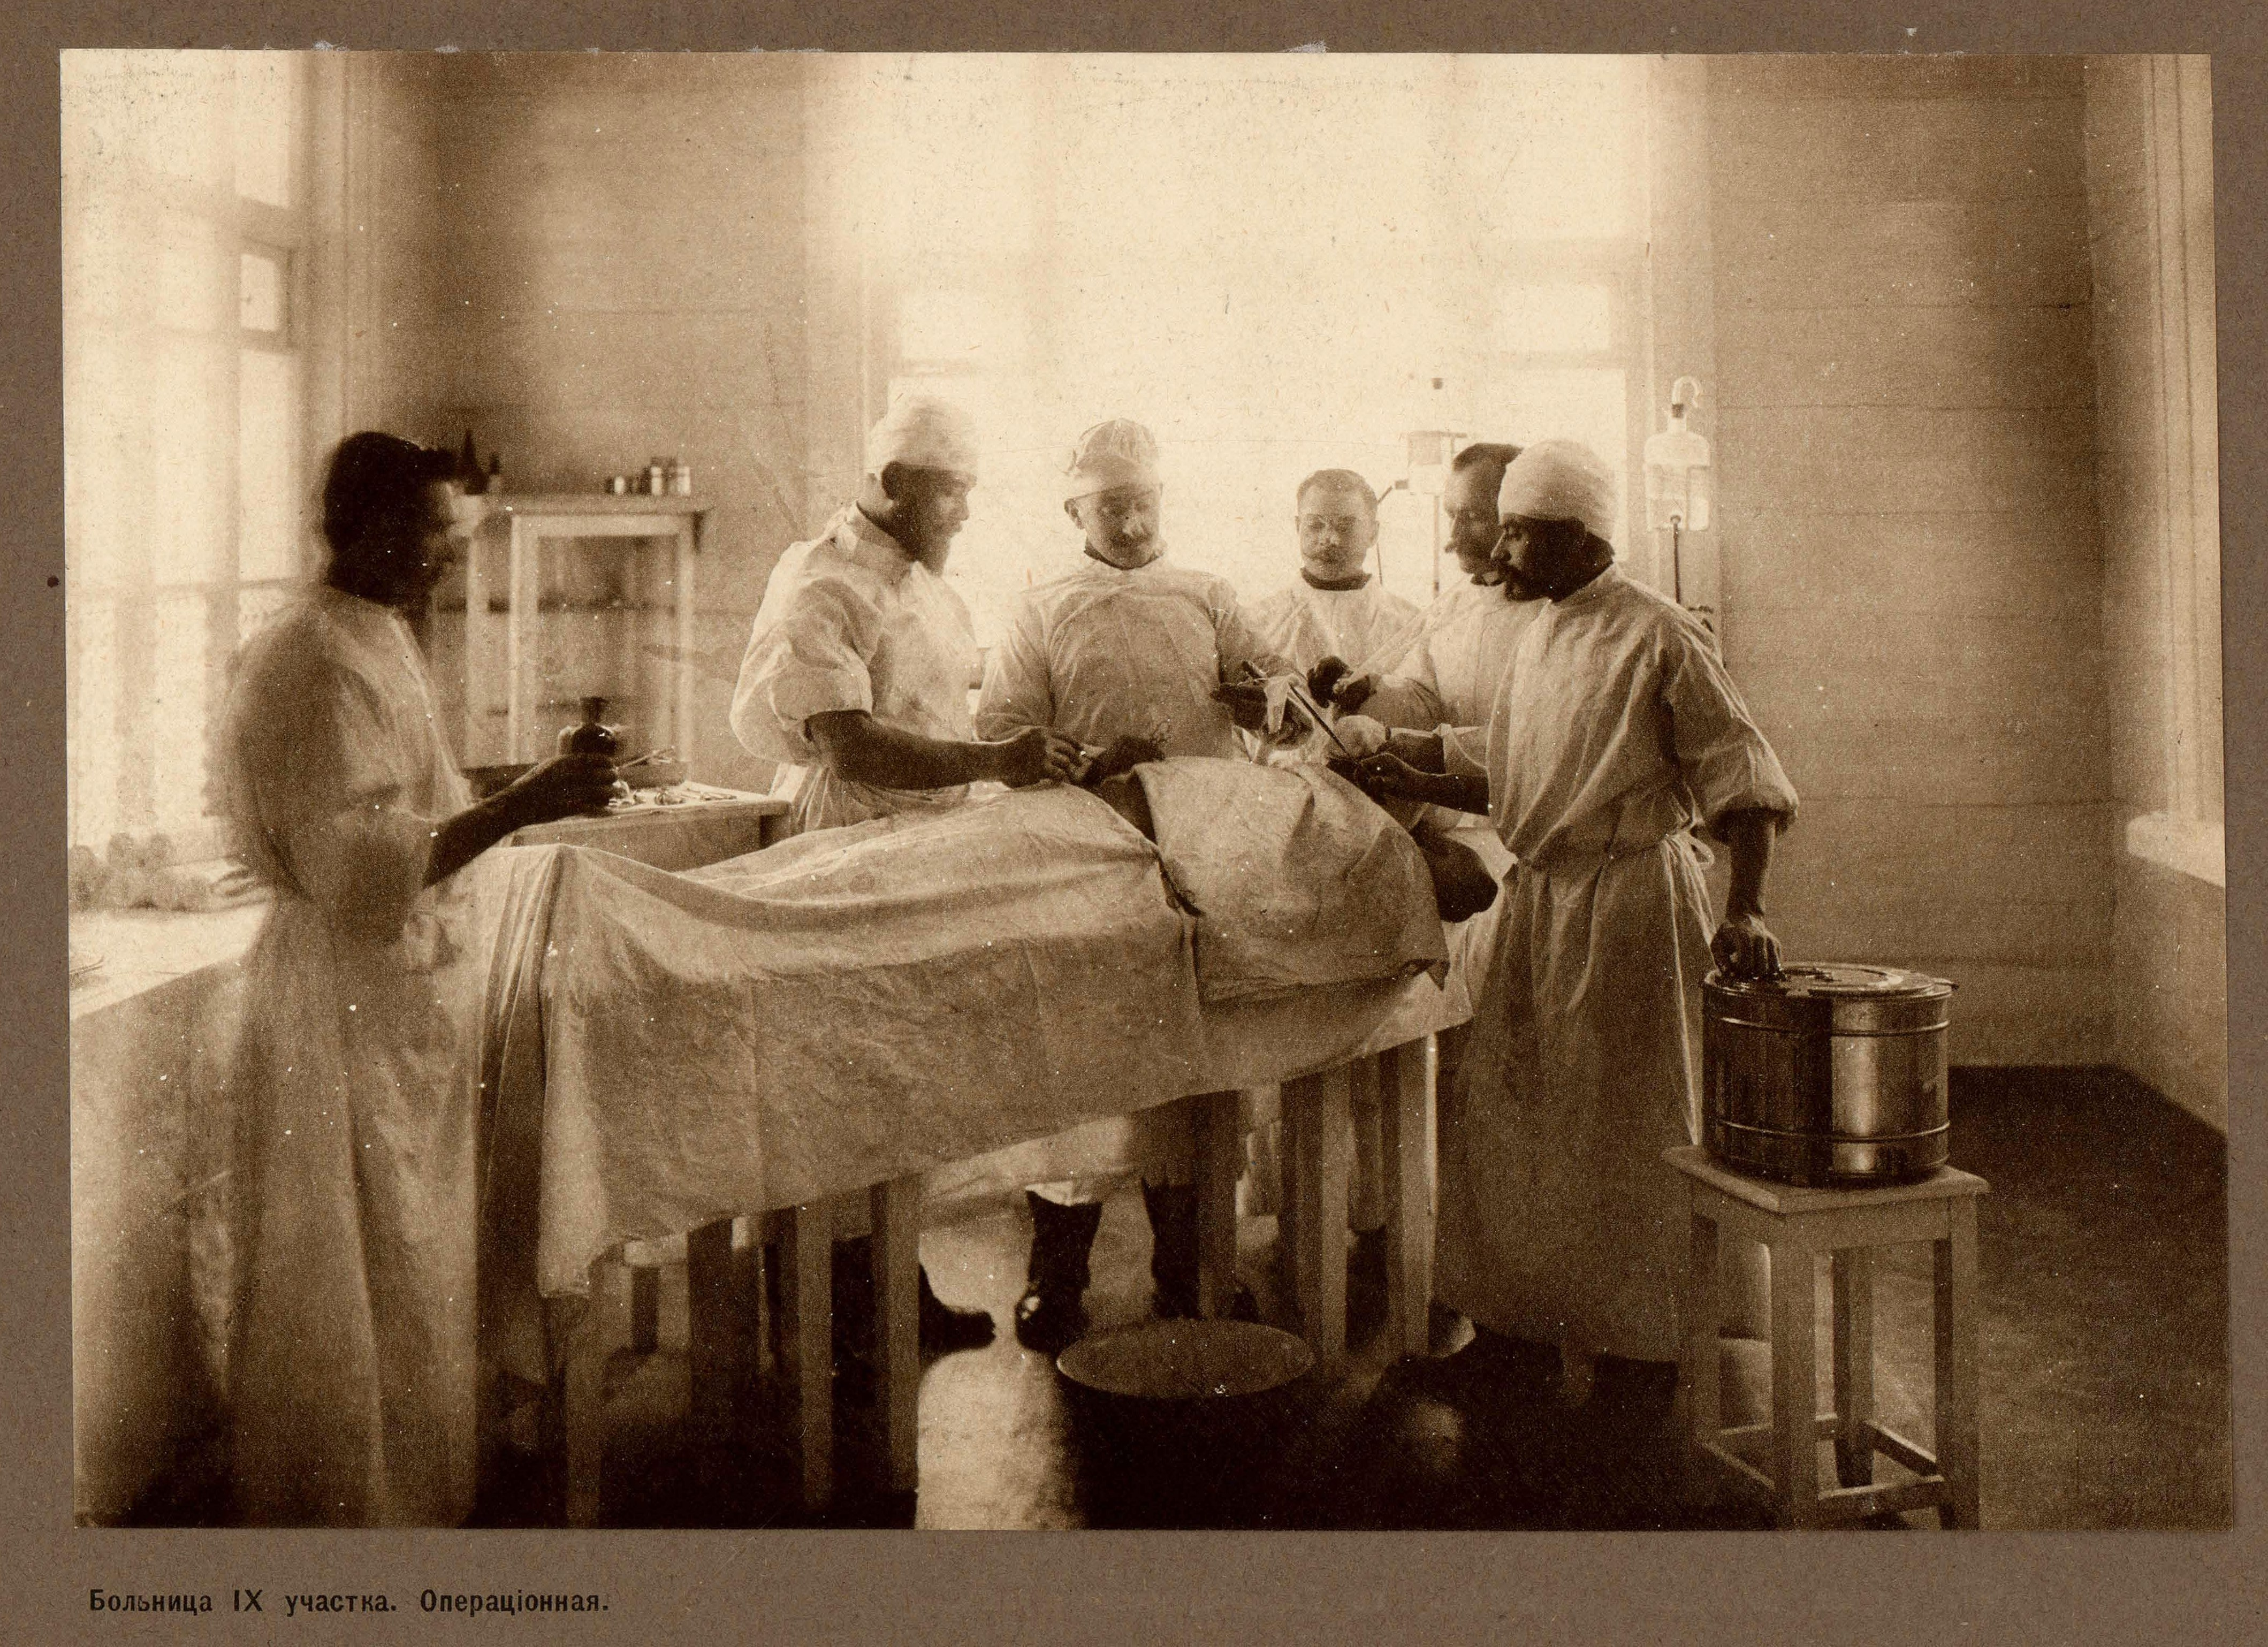 Больница IX участка. Операционная